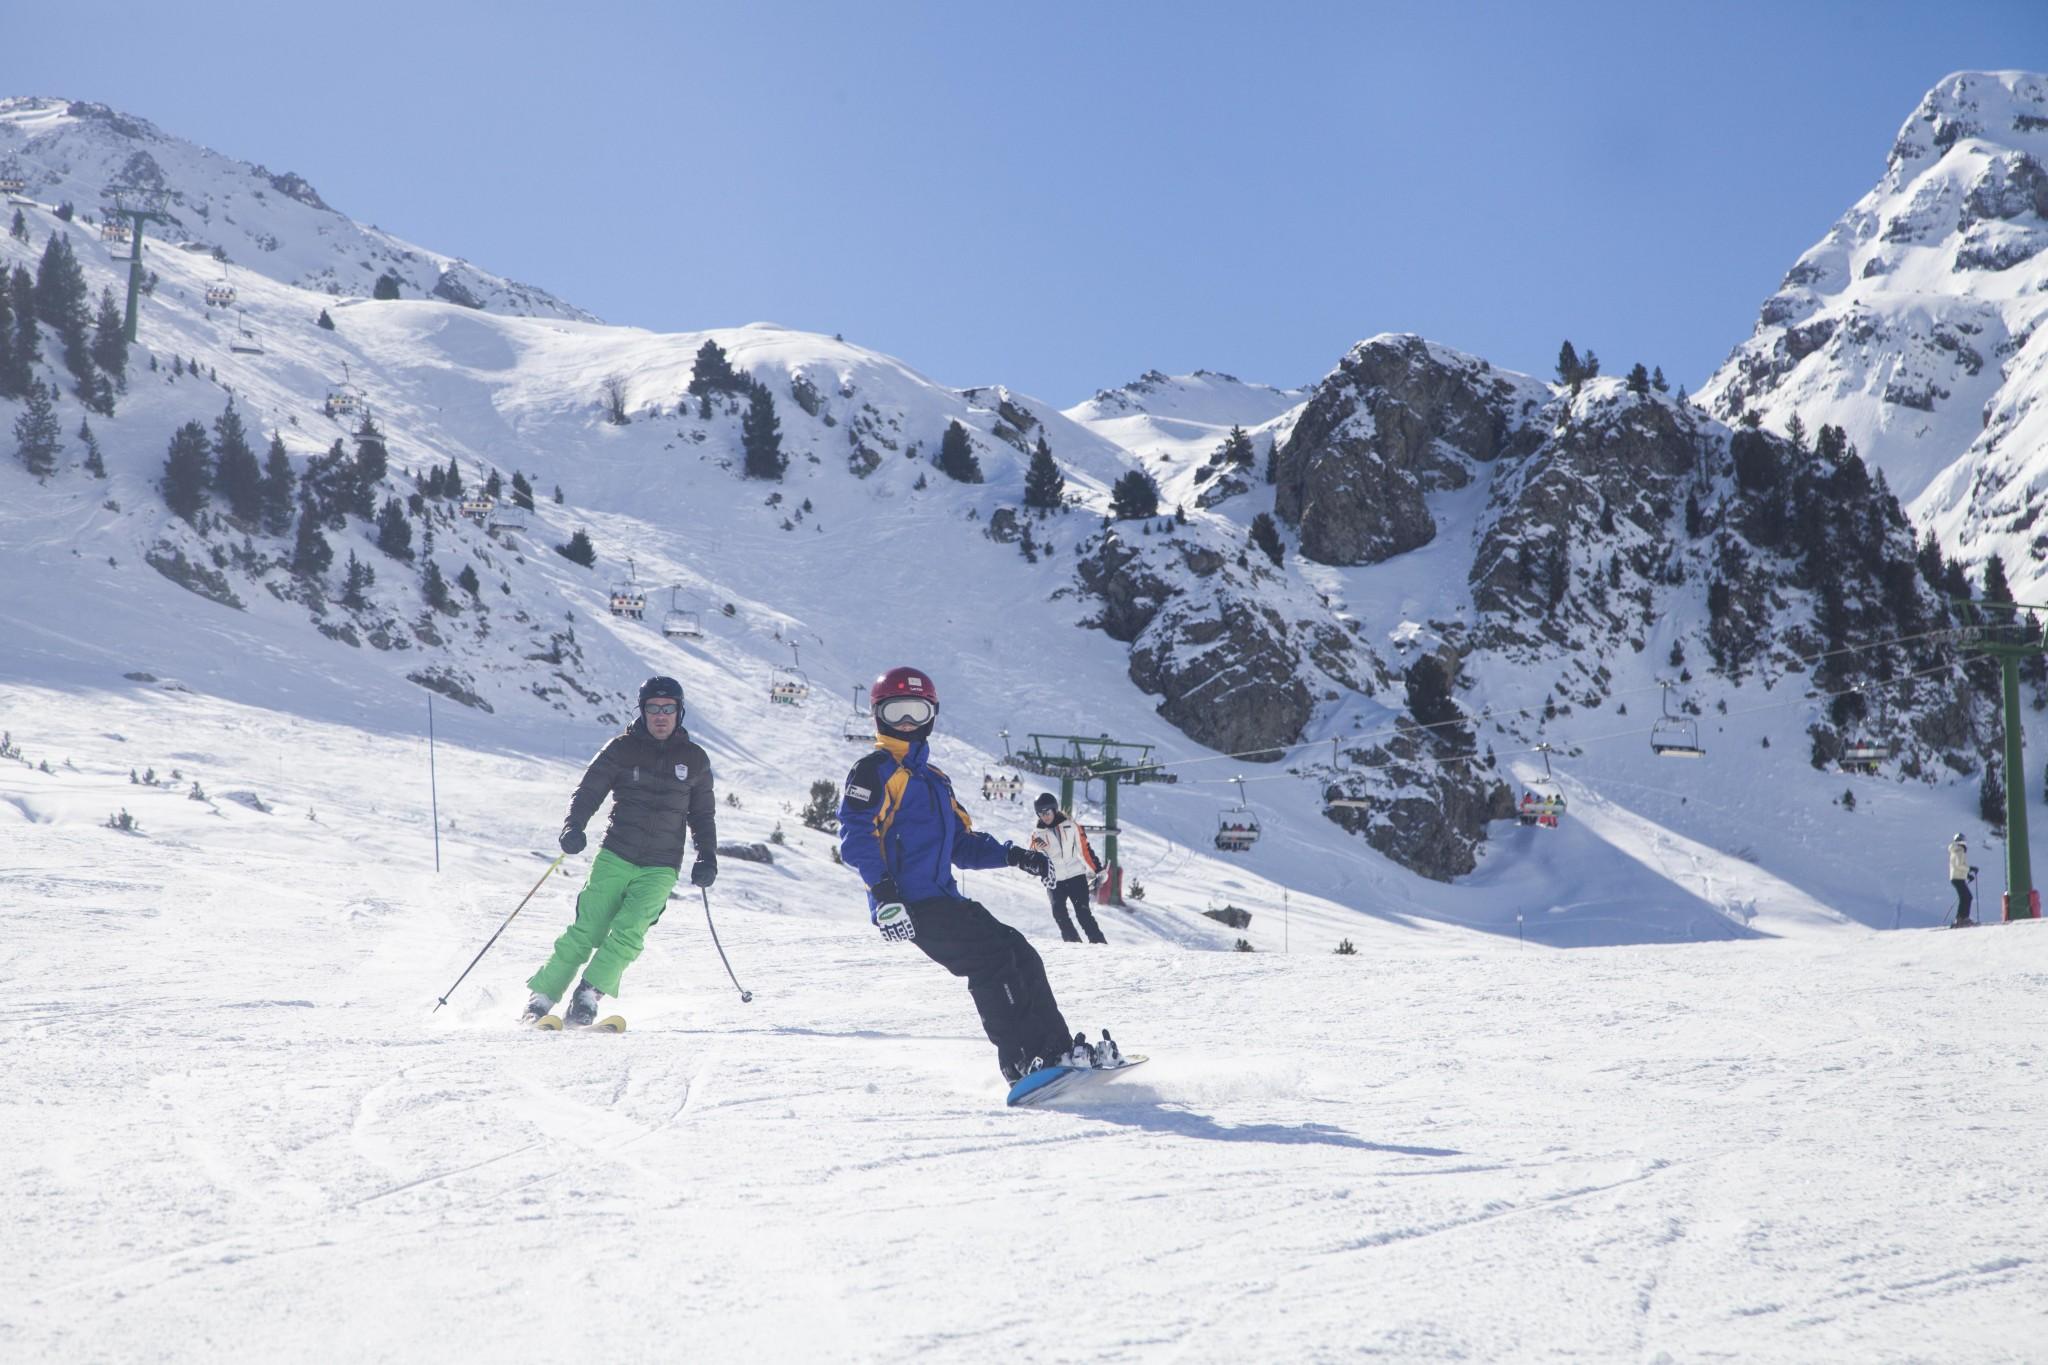 Neu a Formigal i dues persones esquiant